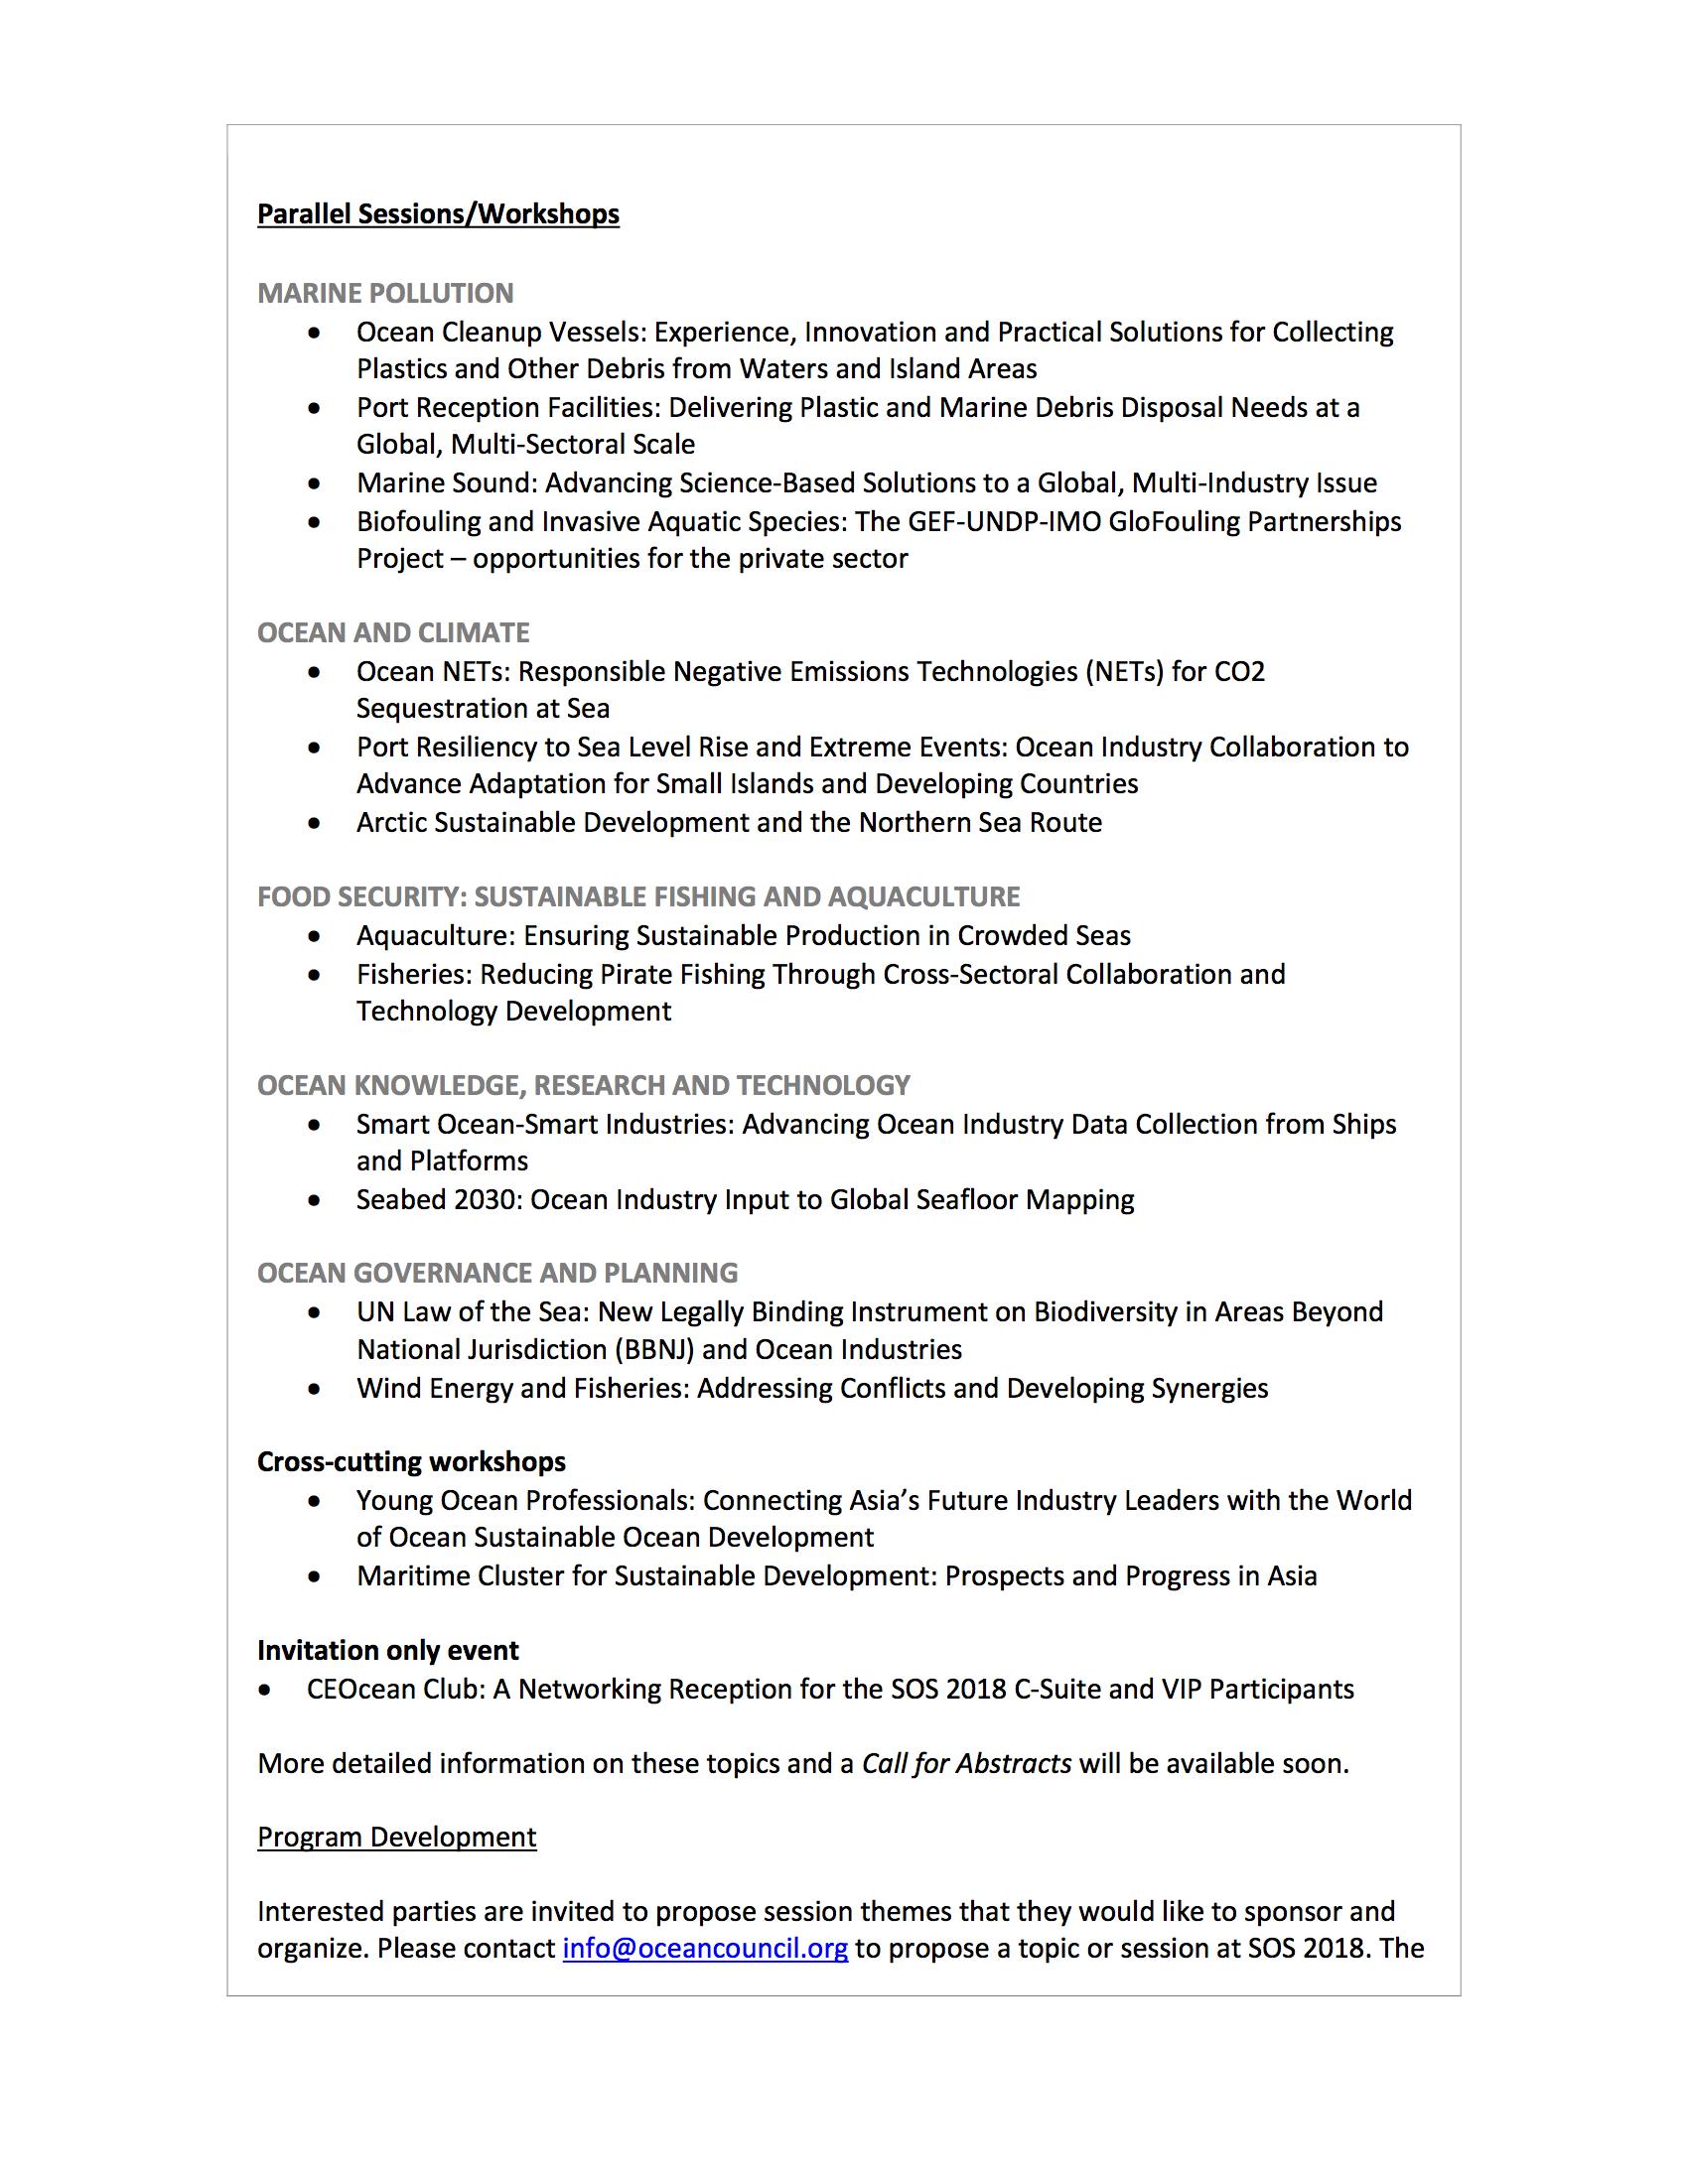 SOS 2018 Program Topics - 20 April 2018 - World Ocean Council